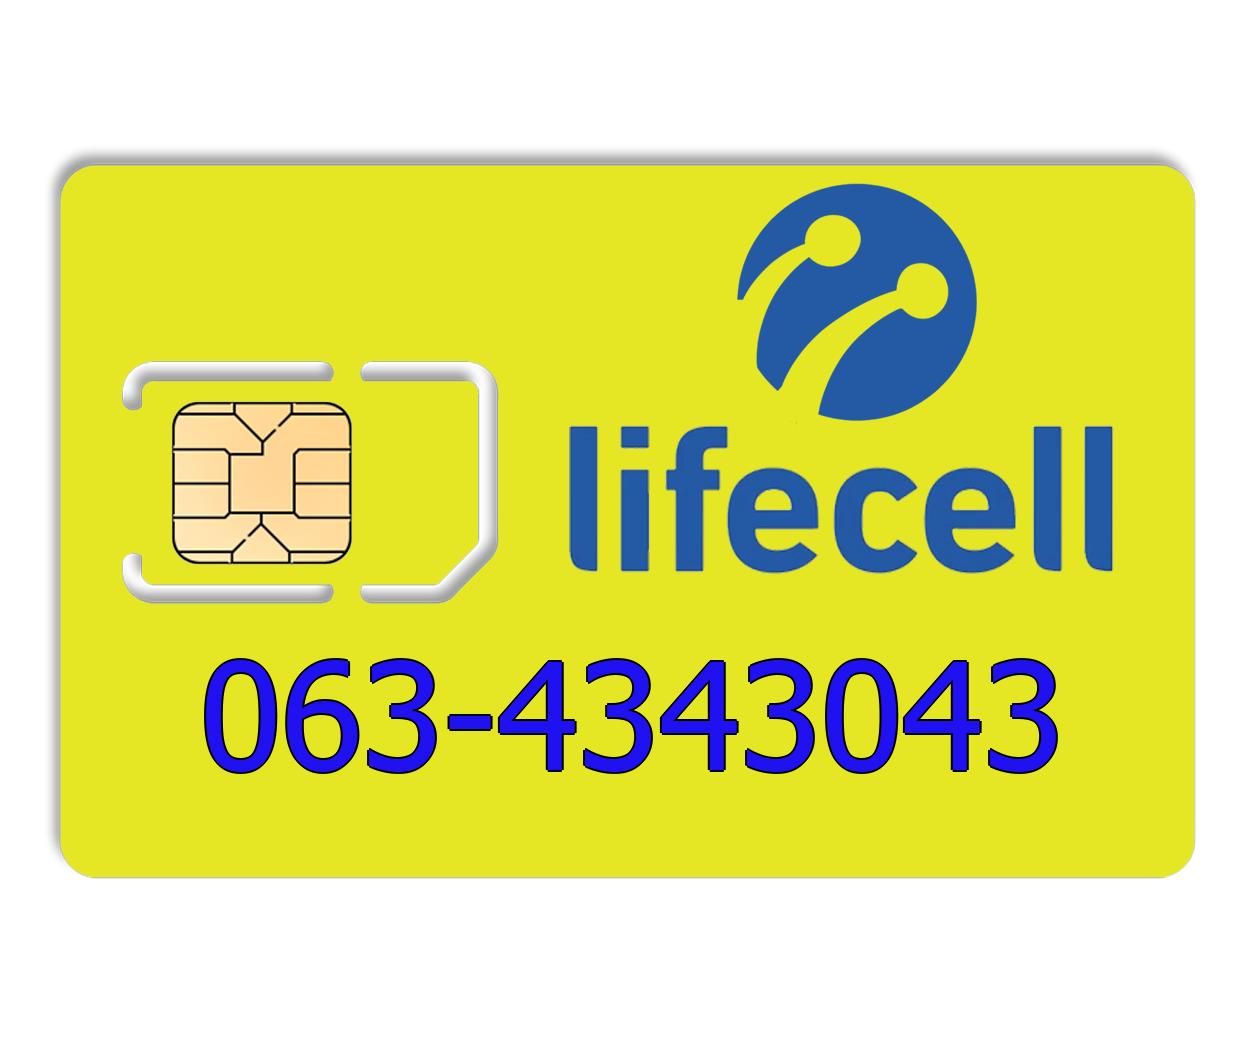 Красивый номер lifecell 063-4343043